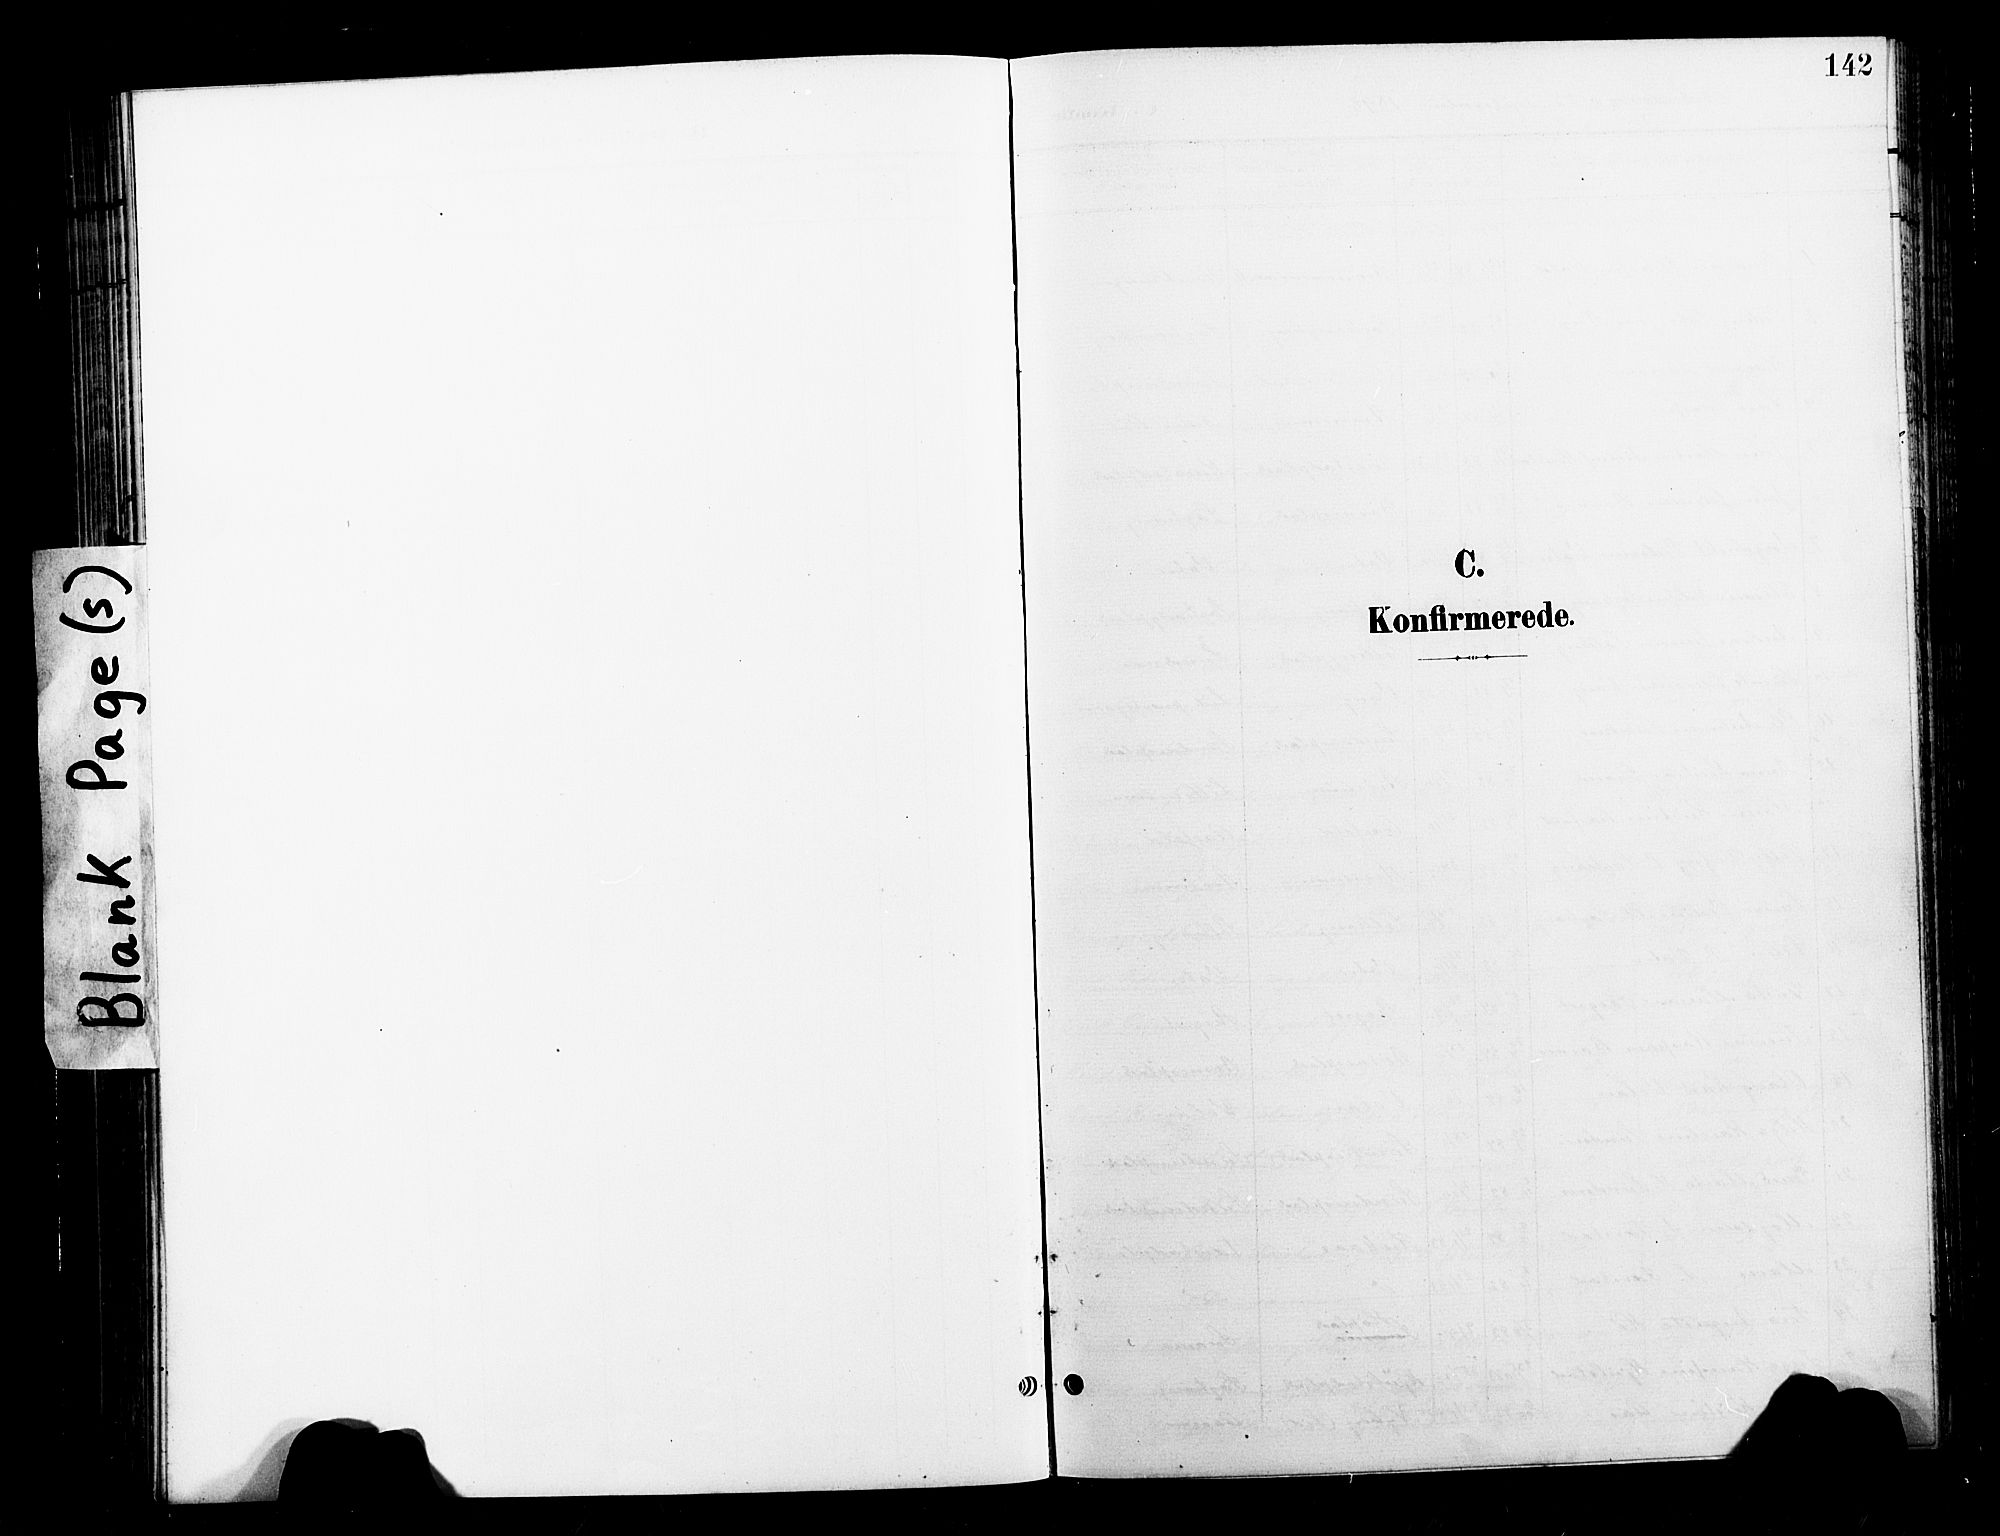 SAT, Ministerialprotokoller, klokkerbøker og fødselsregistre - Nord-Trøndelag, 730/L0302: Klokkerbok nr. 730C05, 1898-1924, s. 142